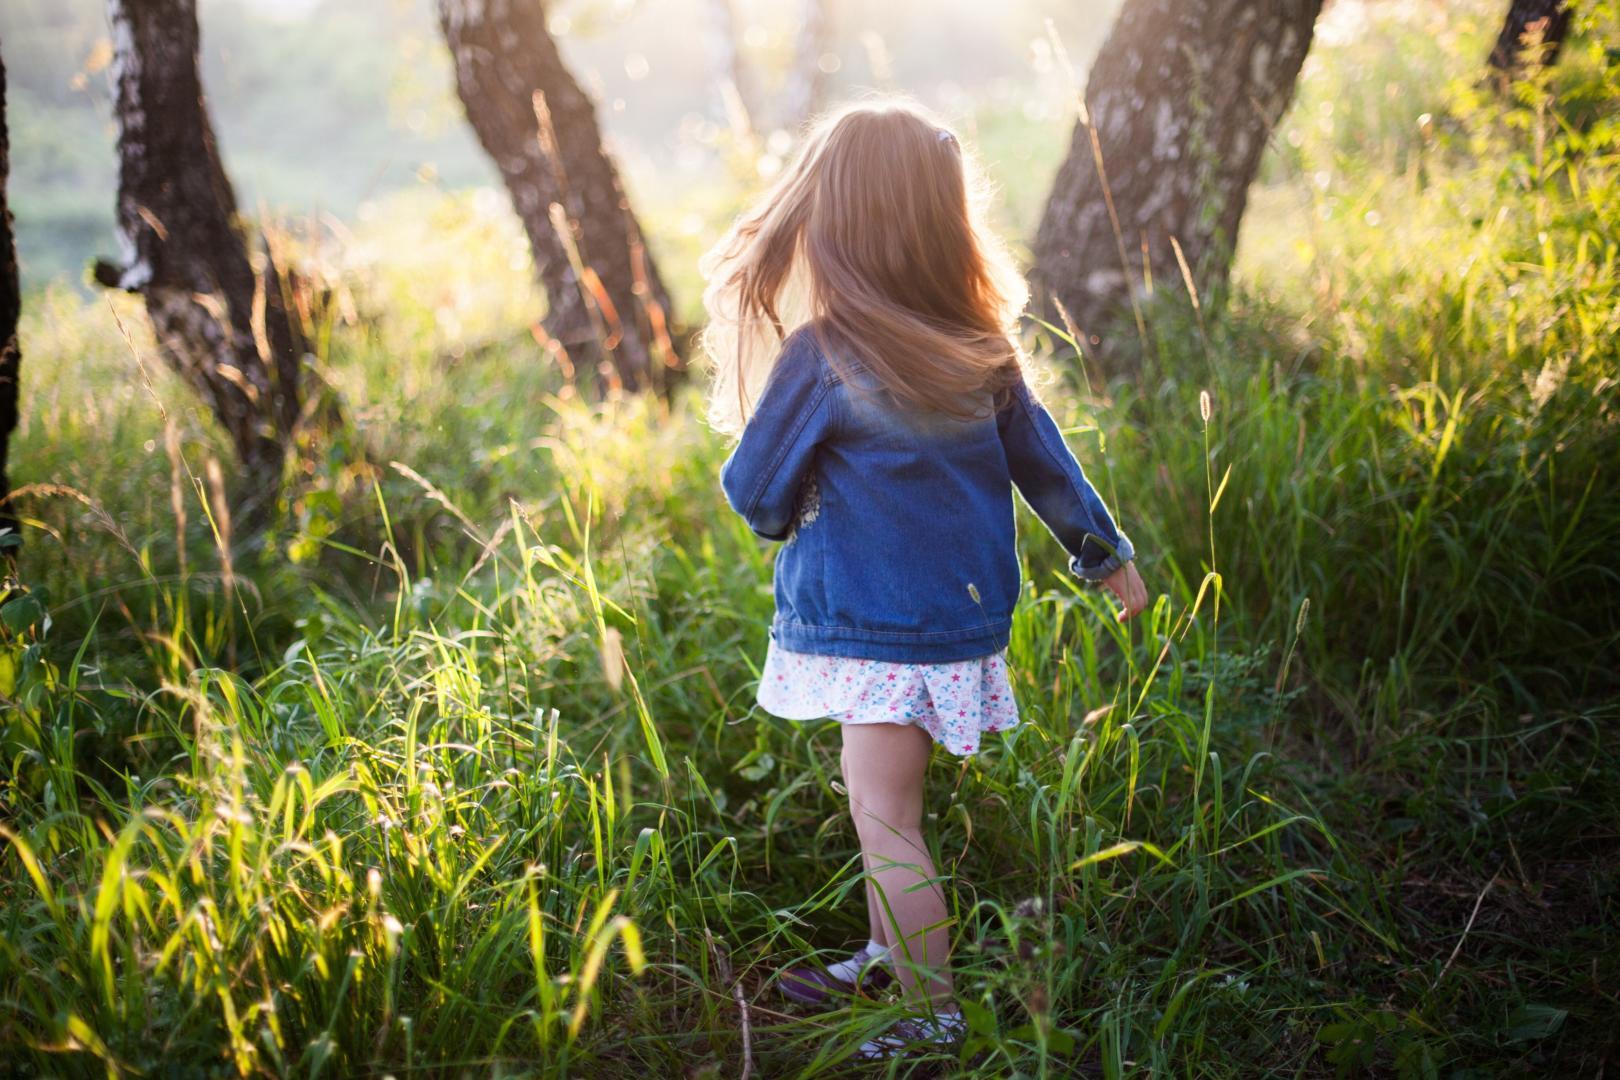 Mädchen läuft mit nackten Beinen durch hohes Gras